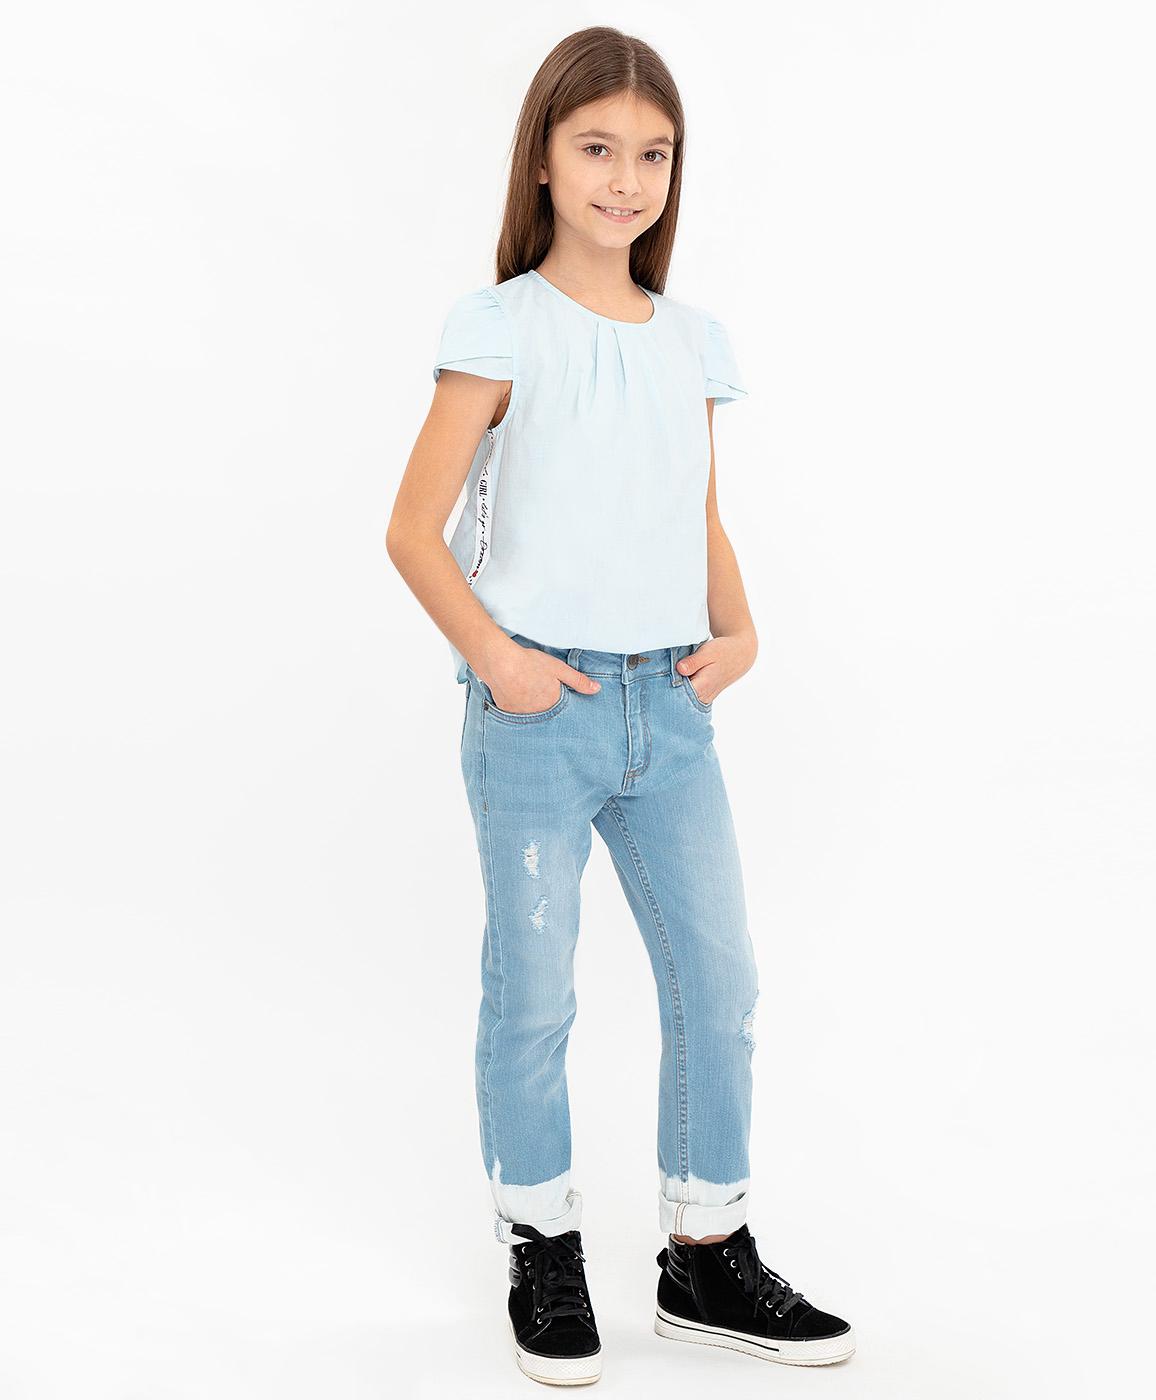 Джинсы для девочек Button Blue, цв. голубой, р-р 146 фото